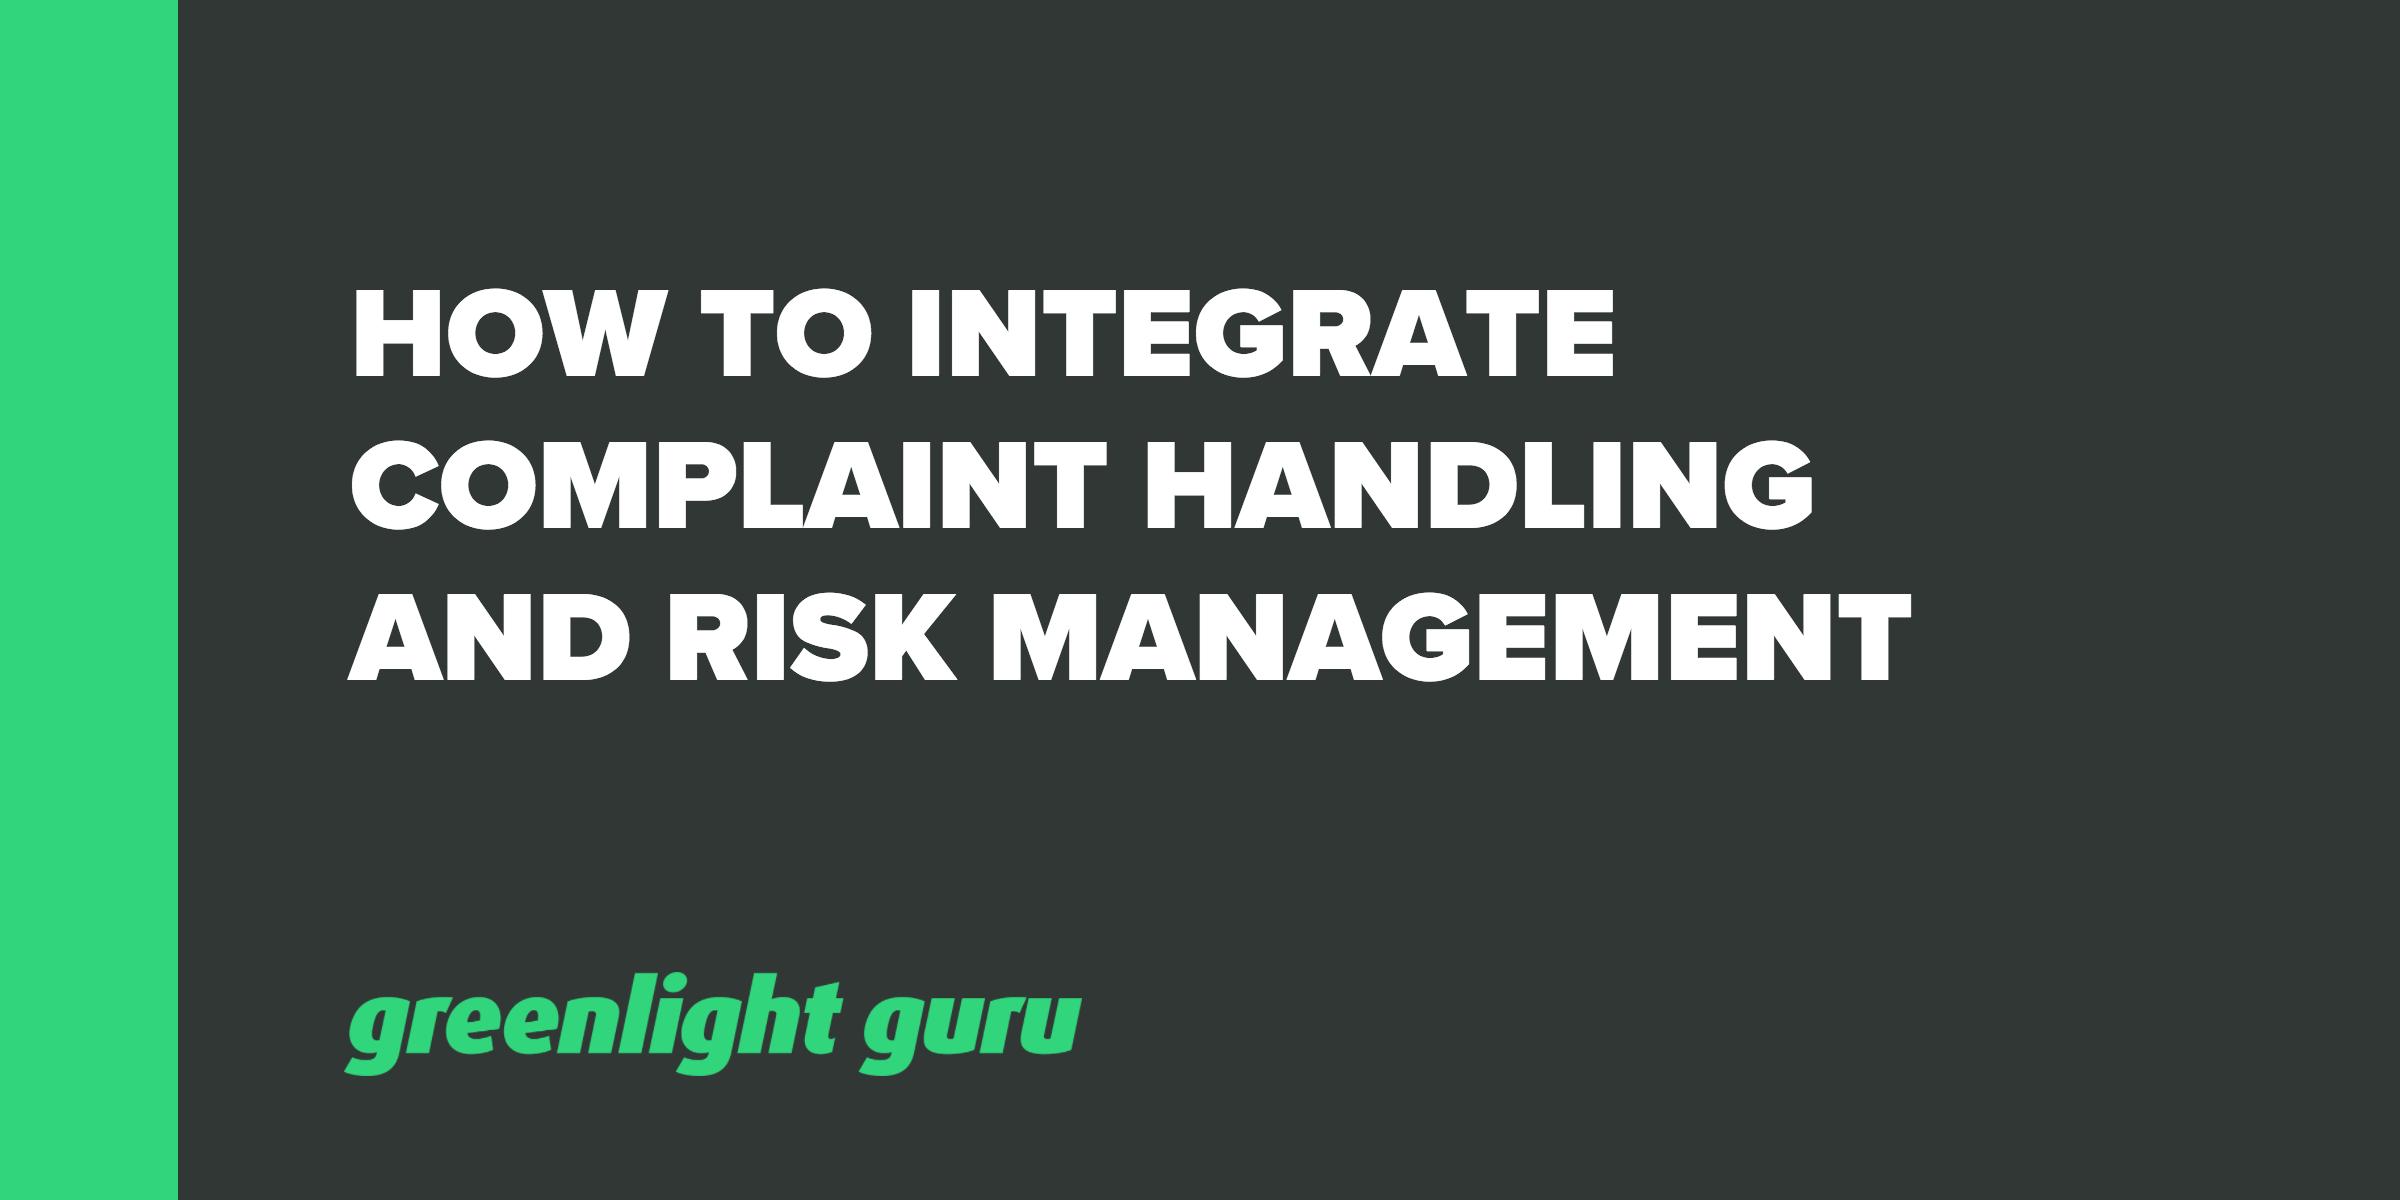 integrating_complaint_handling_risk_management.png